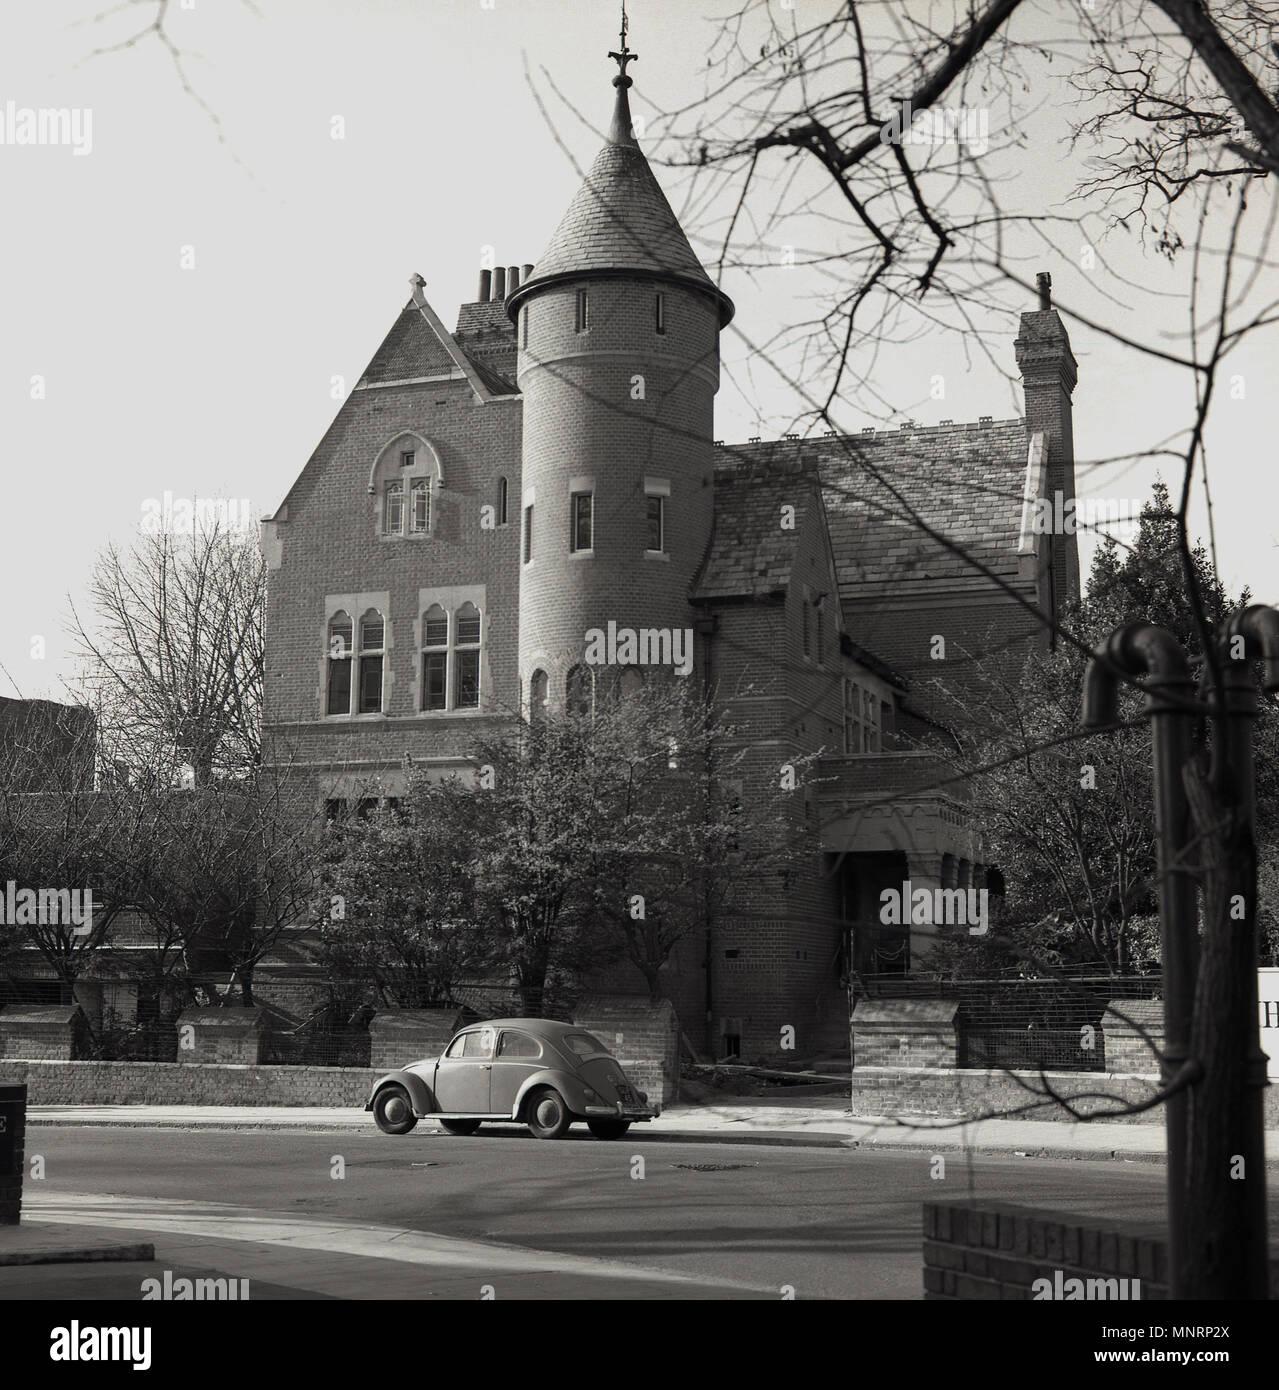 1950, histórica, Vista exterior de la casa de la Torre, una tarde arquitectónicamente importantes-casa victoriana en Kensington, cerca de Holland Park. Londres, Inglaterra, Reino Unido. Construido alrededor de 1878 en estilo neogótico por el diseñador William Burges como su propia casa, en la actualidad es propiedad de Led Zeppelin guitarrista y estrella de rock, Jimmy Page que lo trajo en 1972. La casa en Melbury Road, tiene una historia fascinante y previamente fue poseído por el actor irlandés Richard Harris, quien adquirió de página, supuestamente, superando la leyenda pop de David Bowie. Imagen De Stock